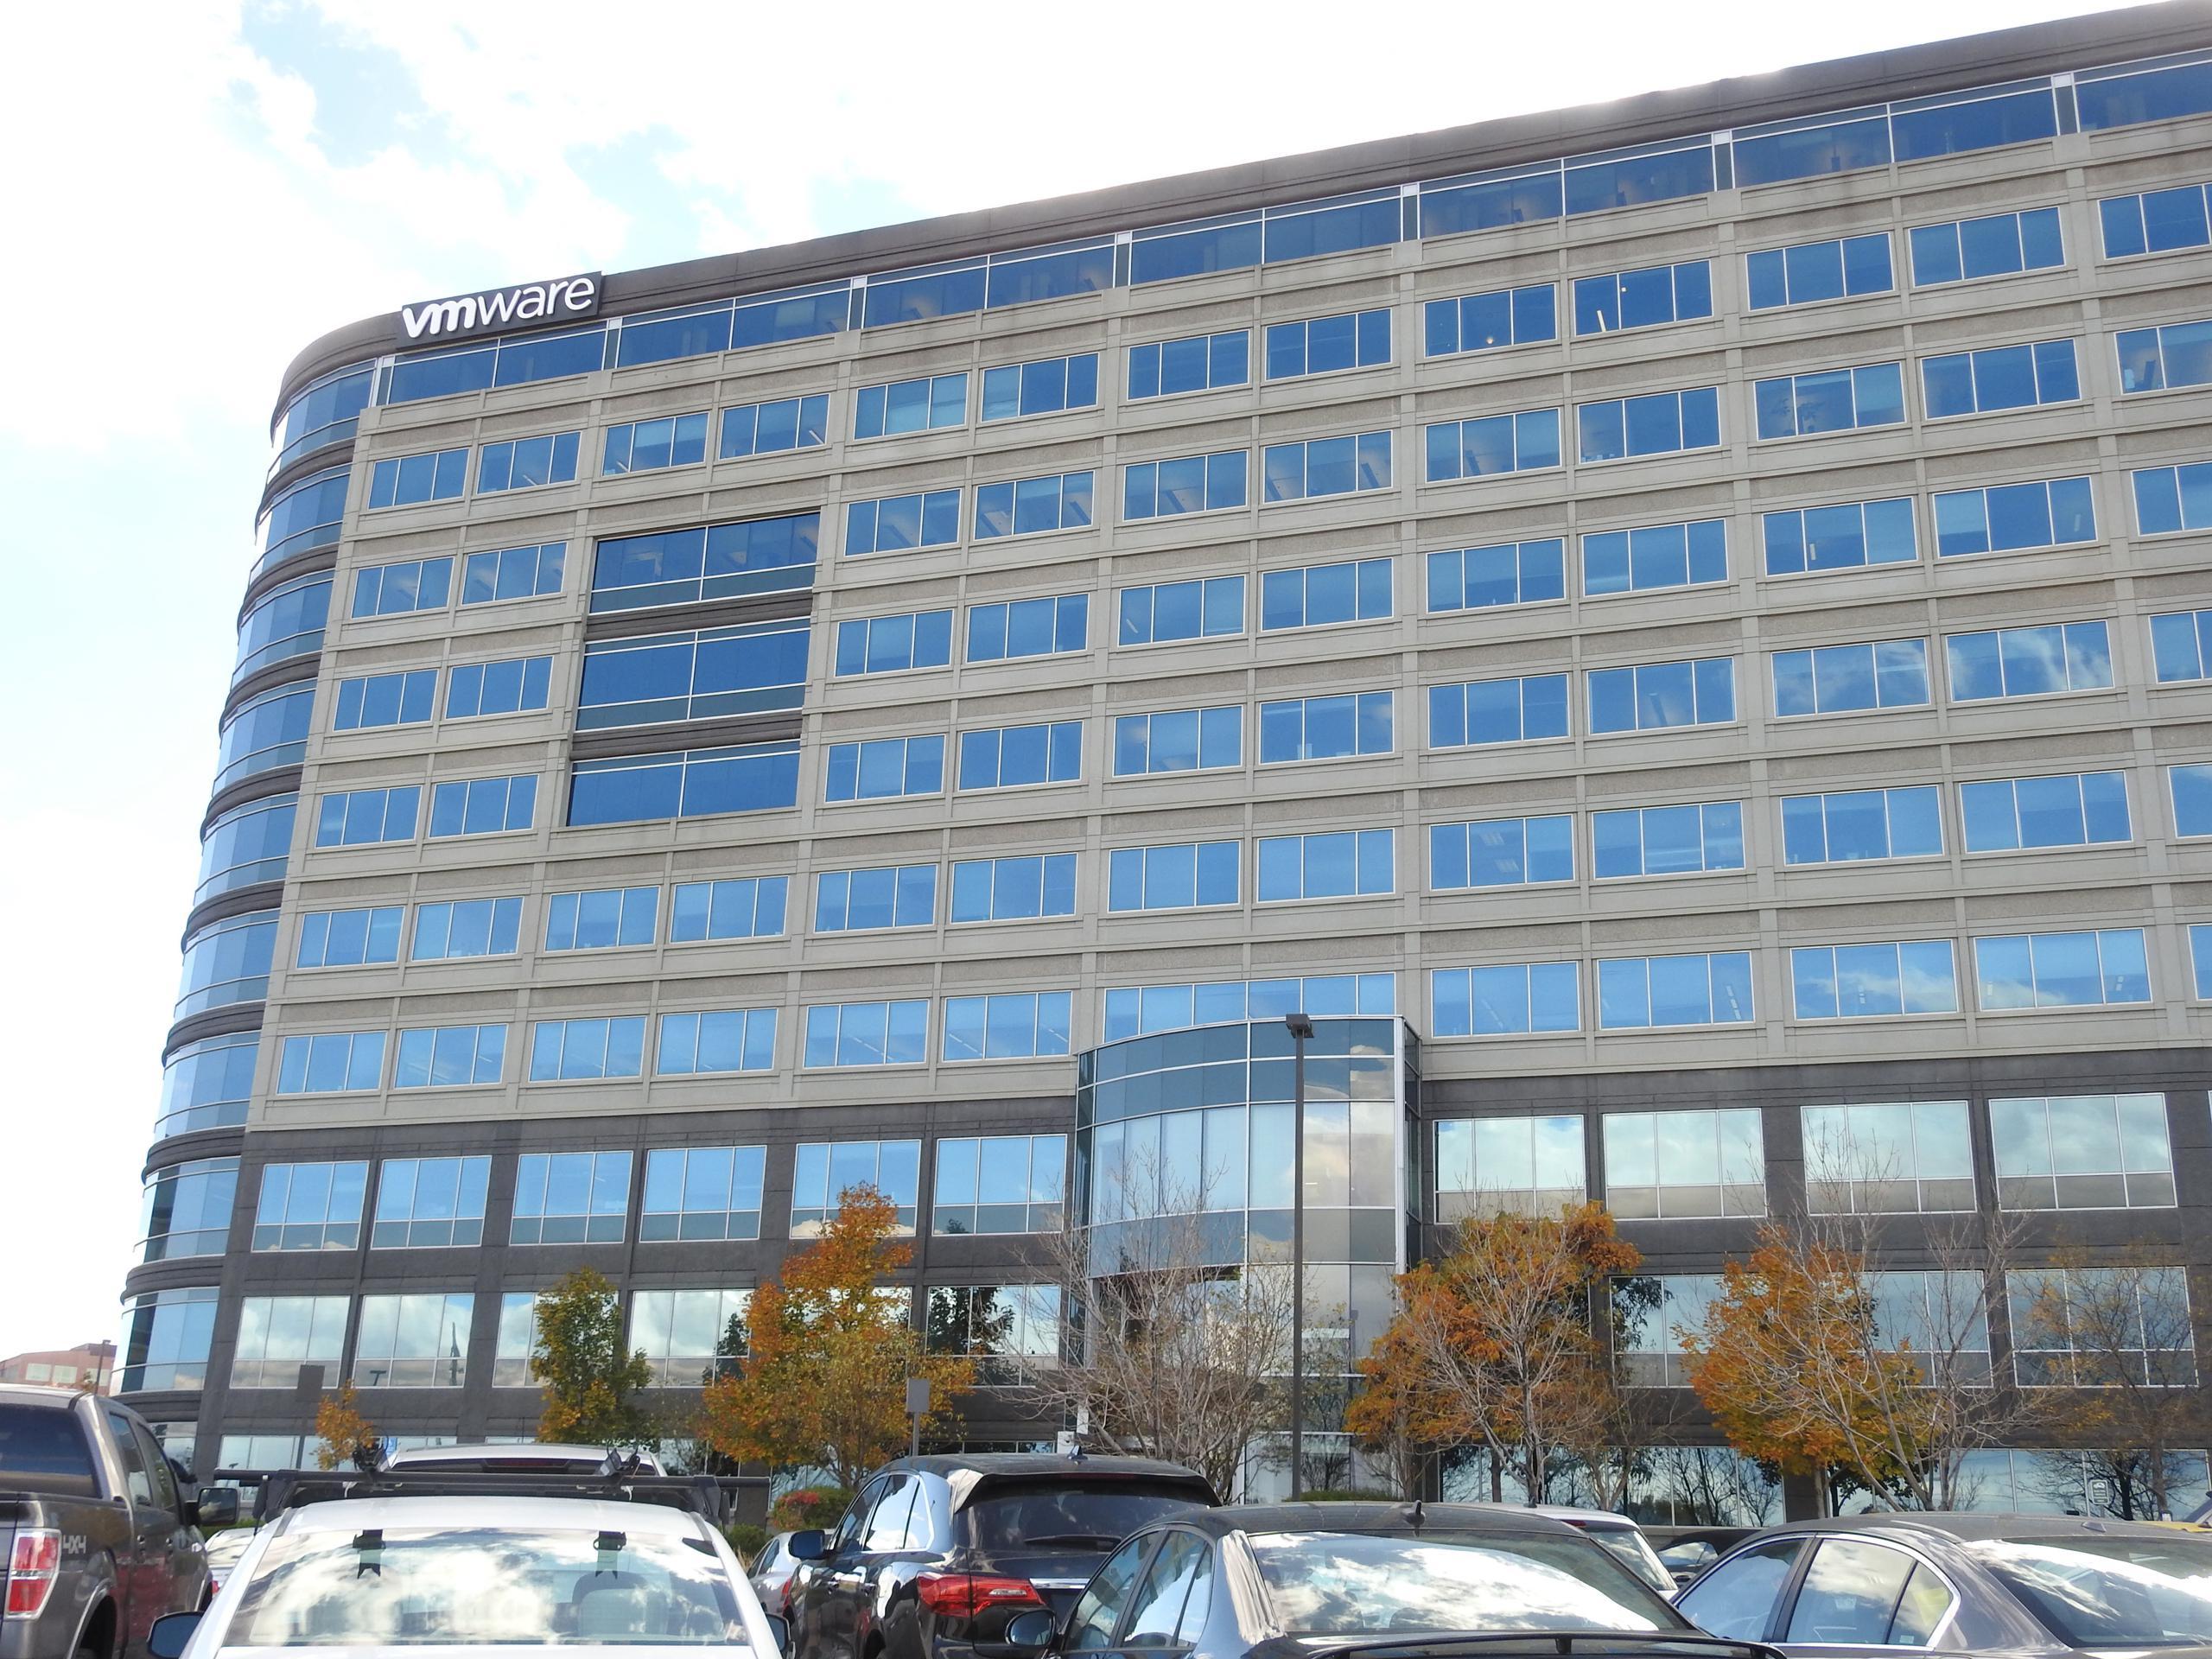 VMware office in Broomfield, Colorado.